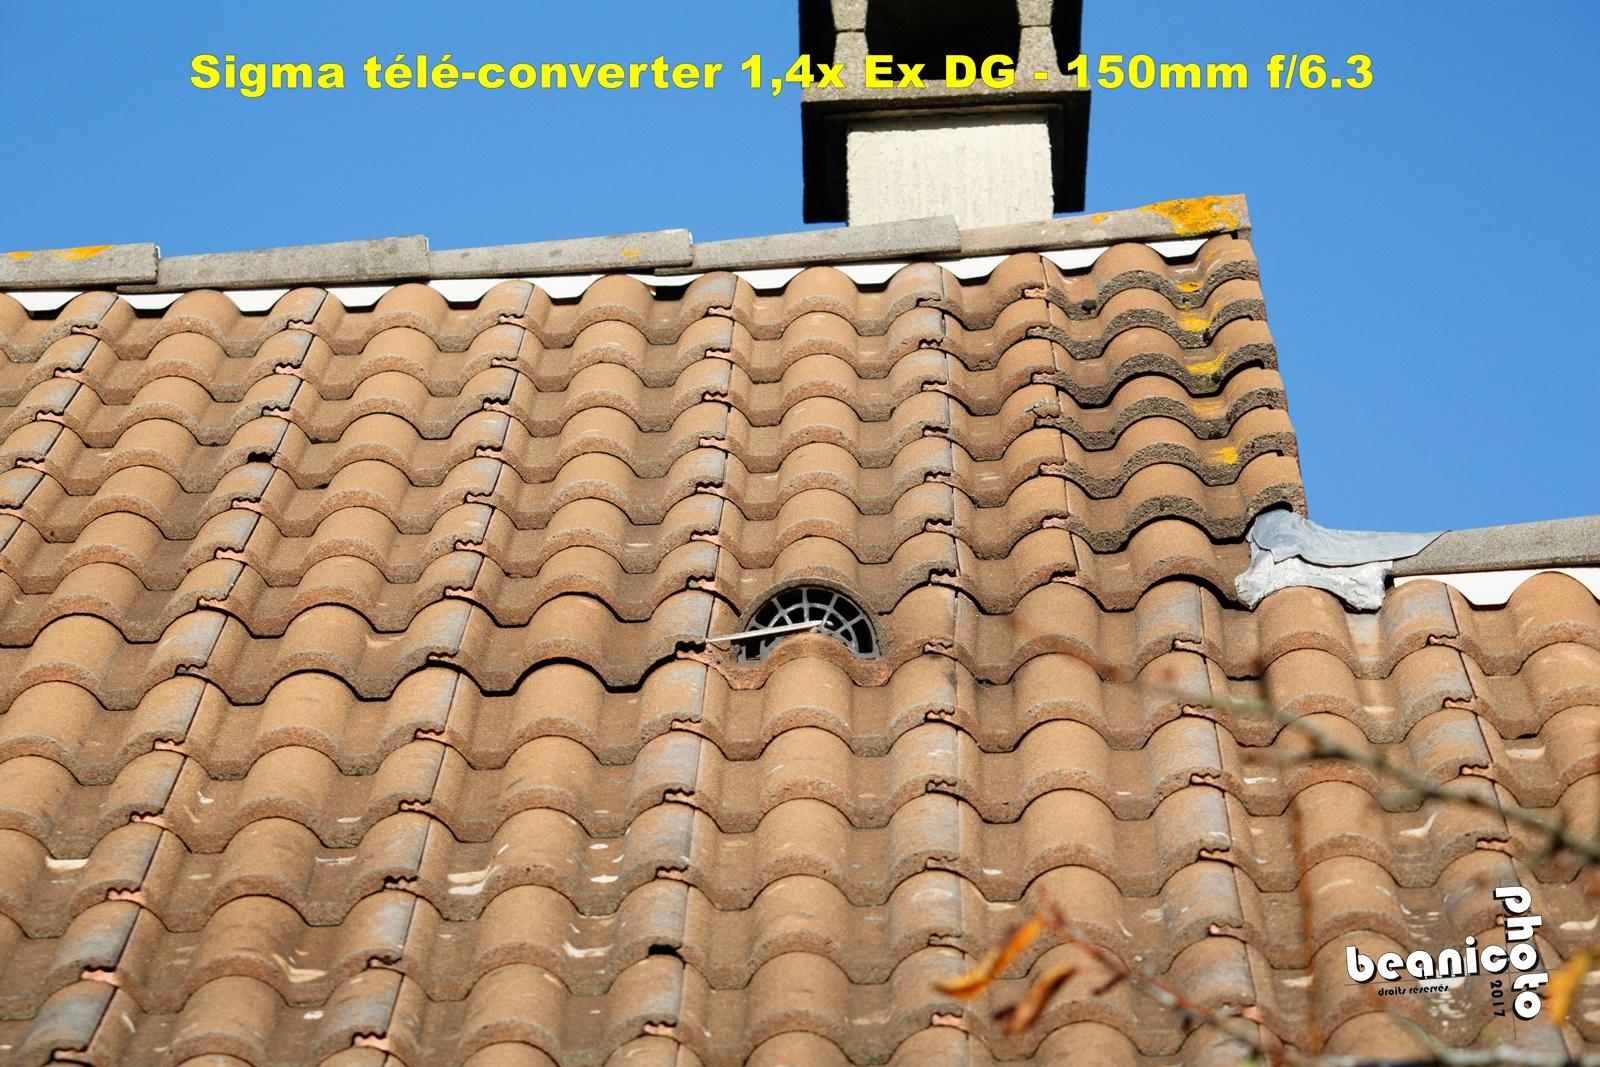 Test du Sigma Tele-Converter 1.4x Ex DG par Beanico